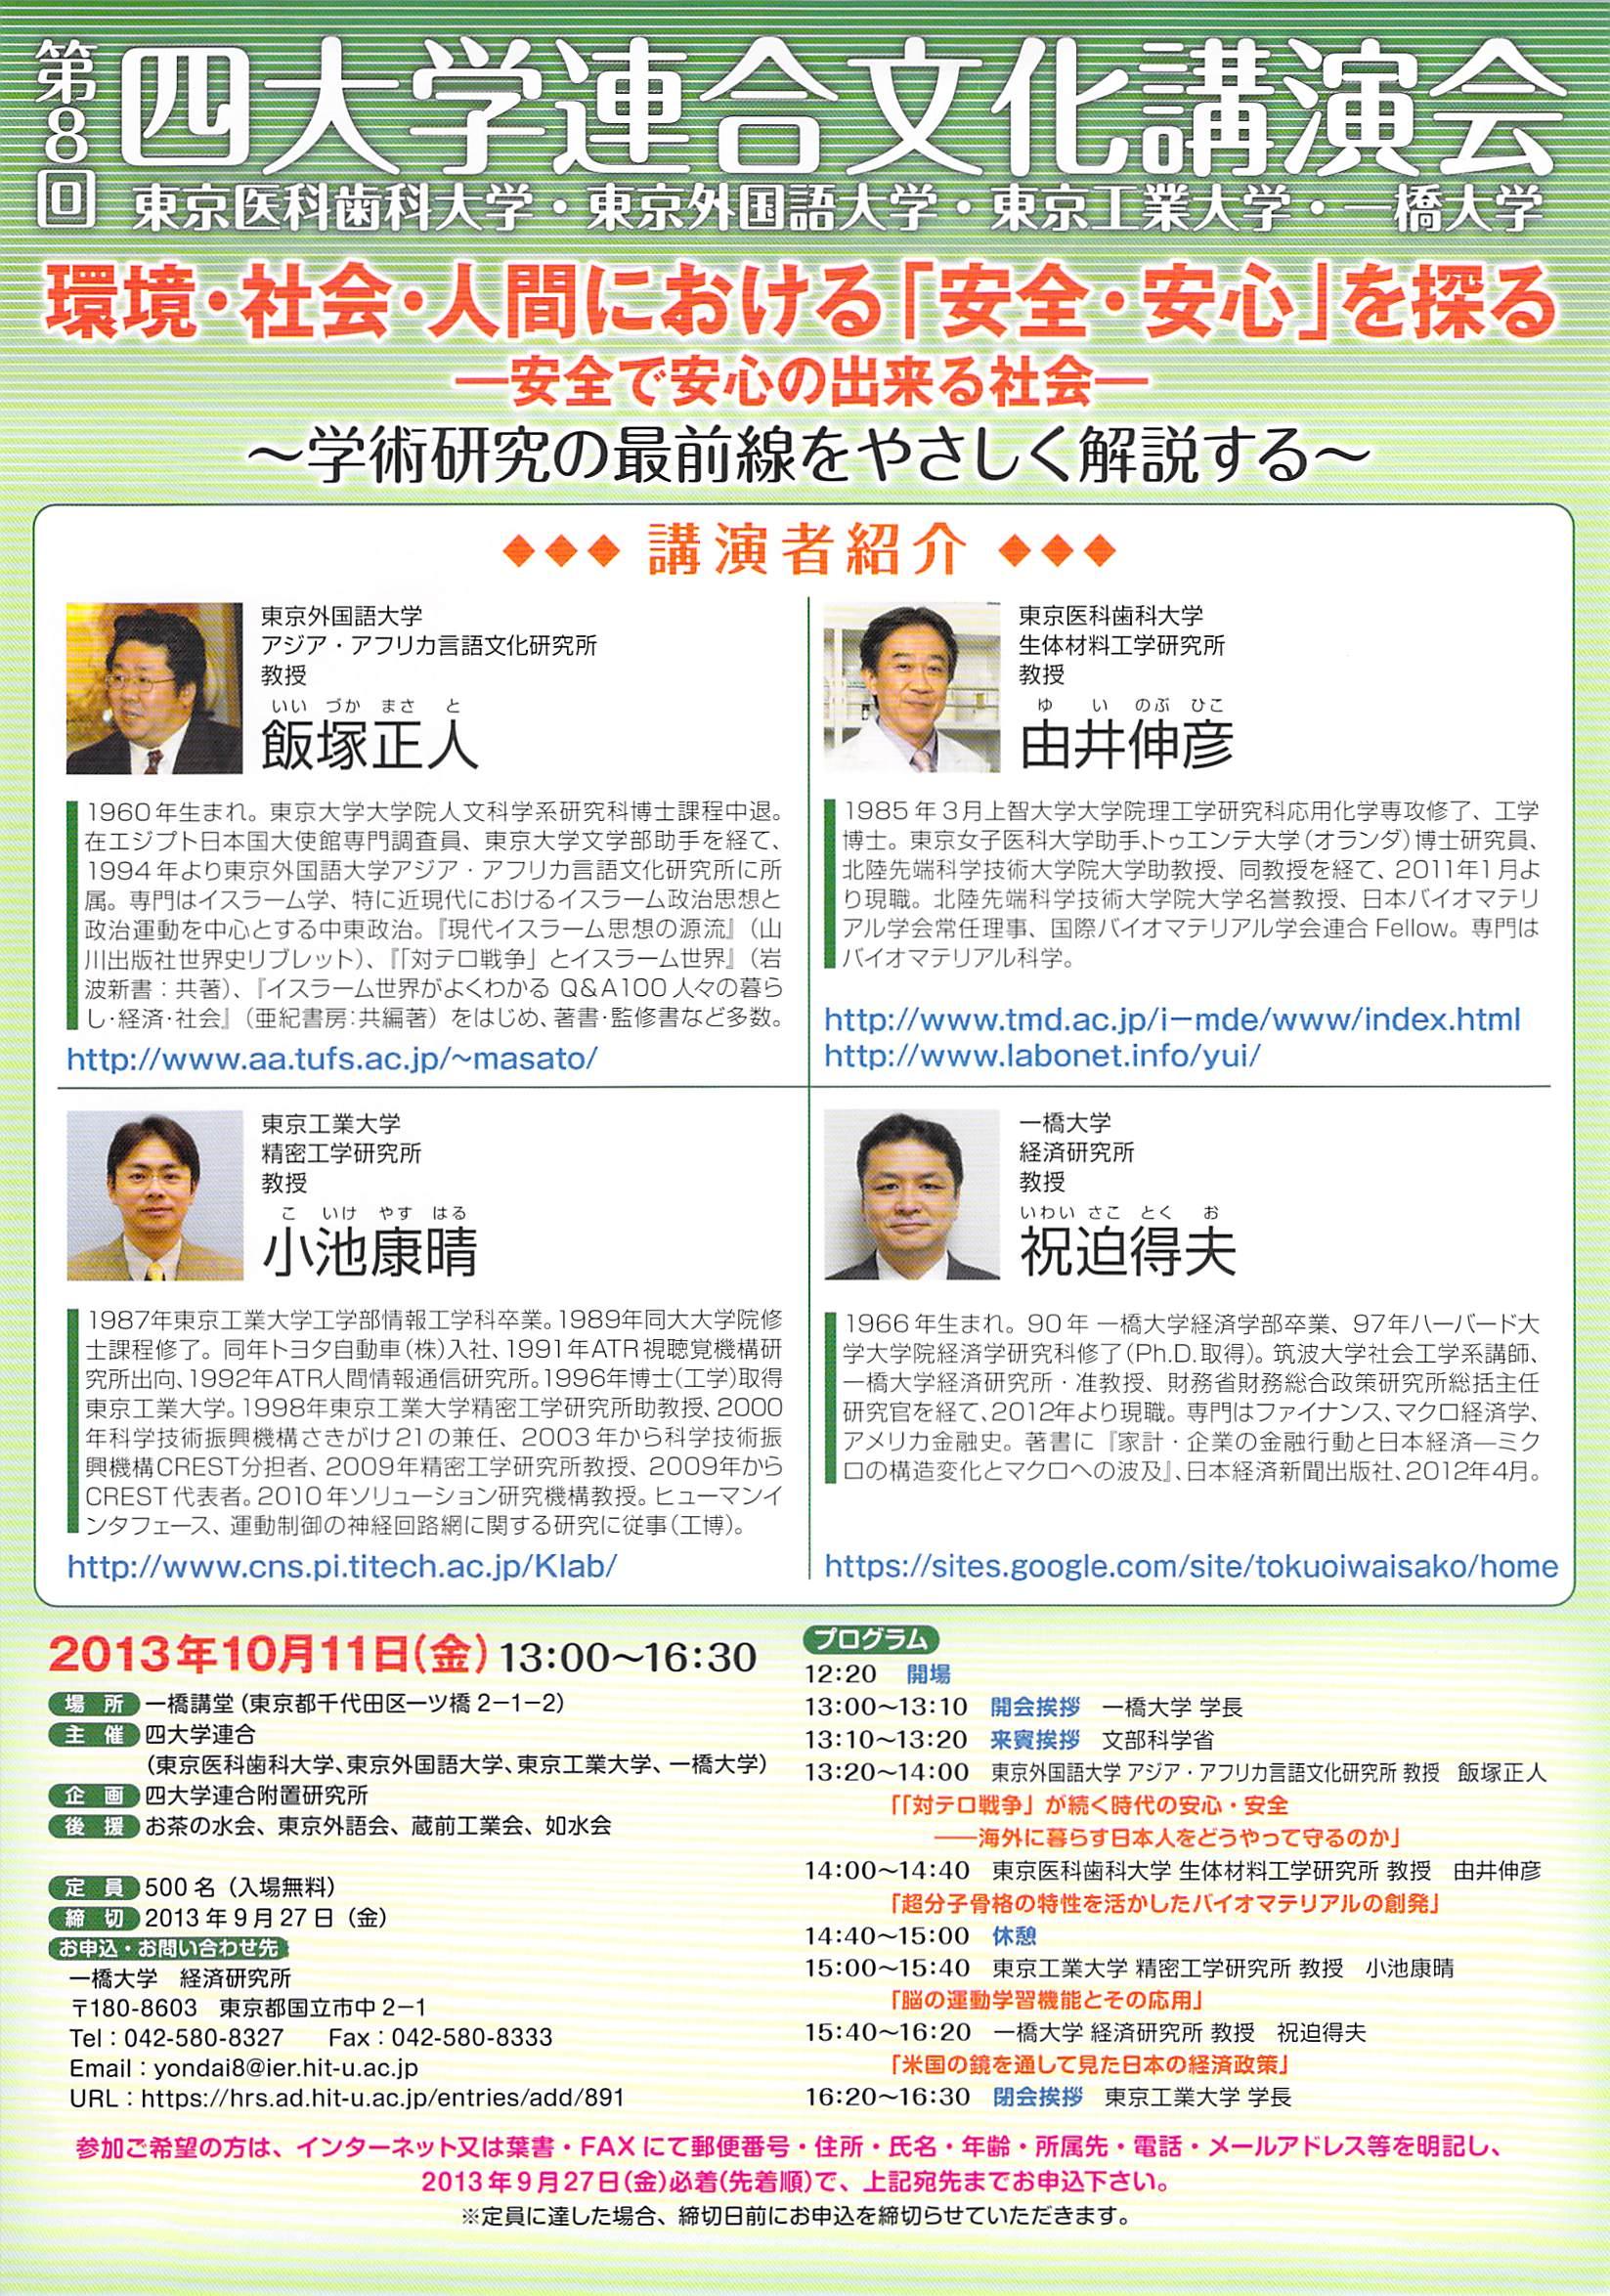 第8回四大学連合文化講演会_ページ_1.jpg